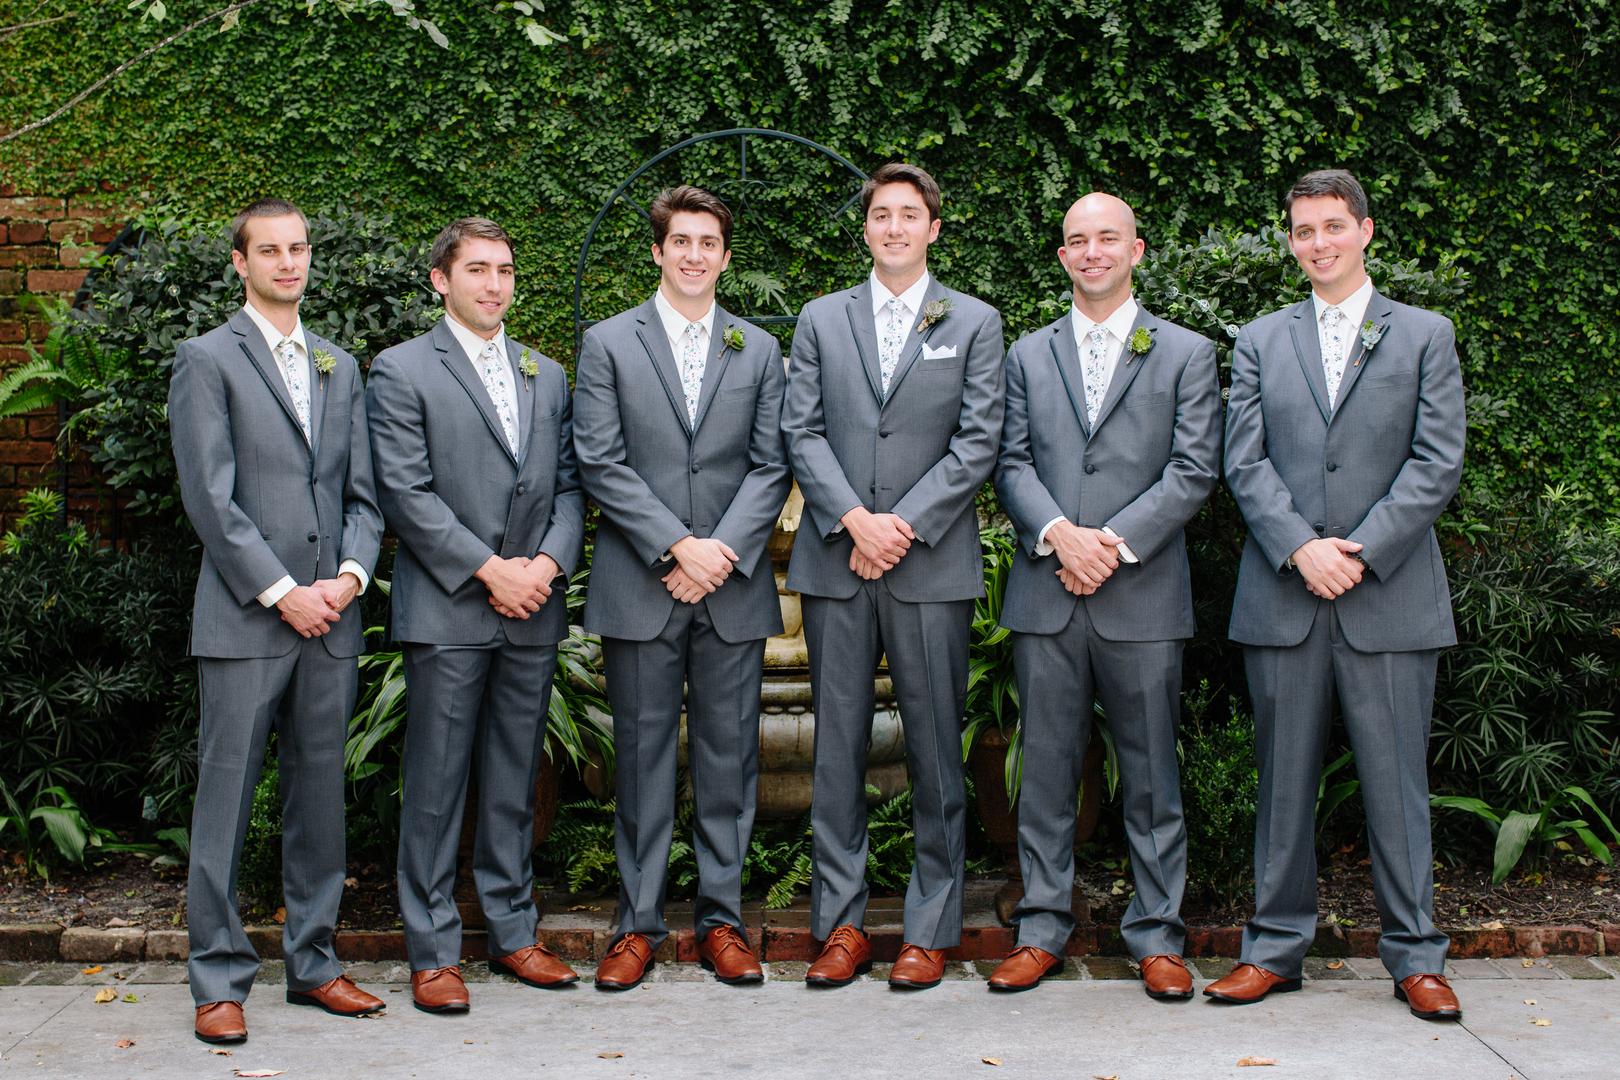 dunes-west-golf-club-wedding-10.jpg